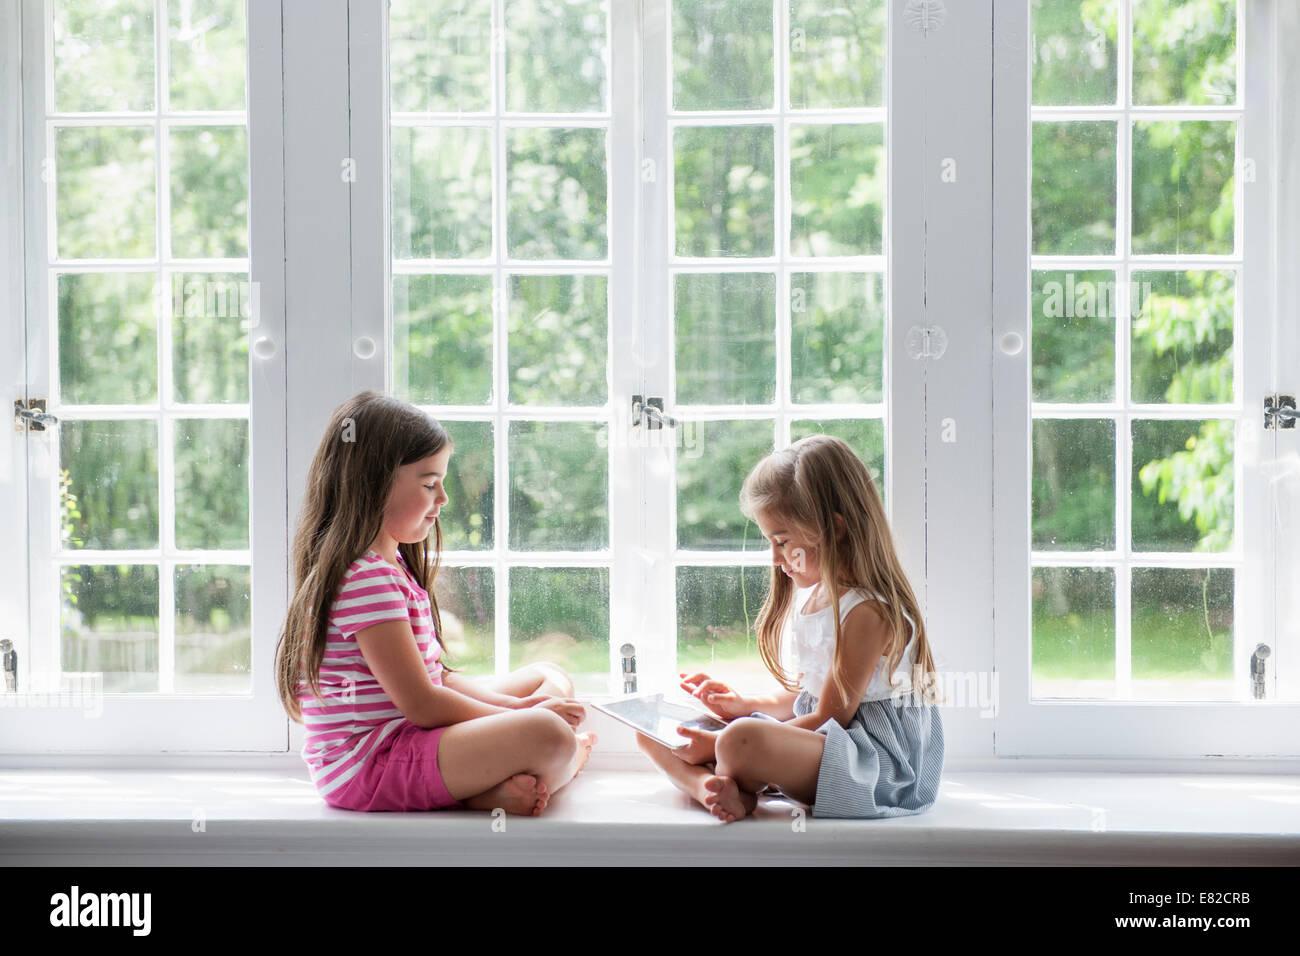 Deux jeunes filles, jouant, le partage d'une tablette numérique. Photo Stock